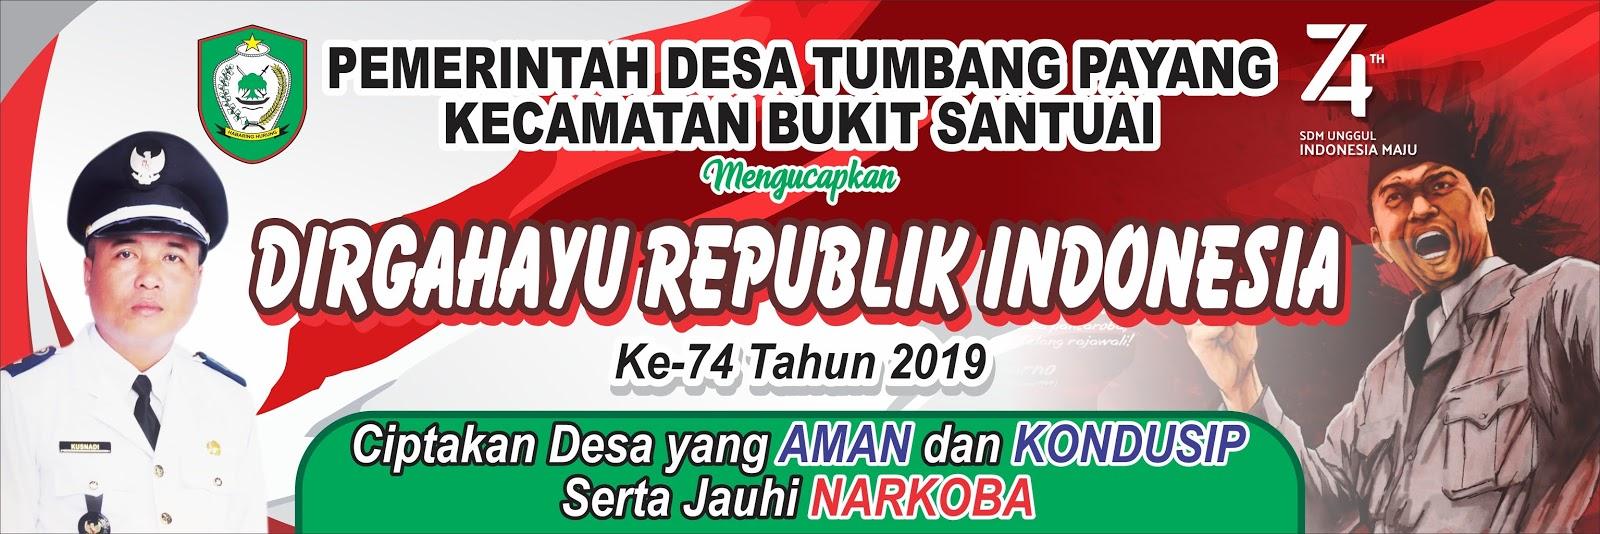 Download Banner Spanduk HUT RI 75 Tahun 17 Agustus 2020 ...